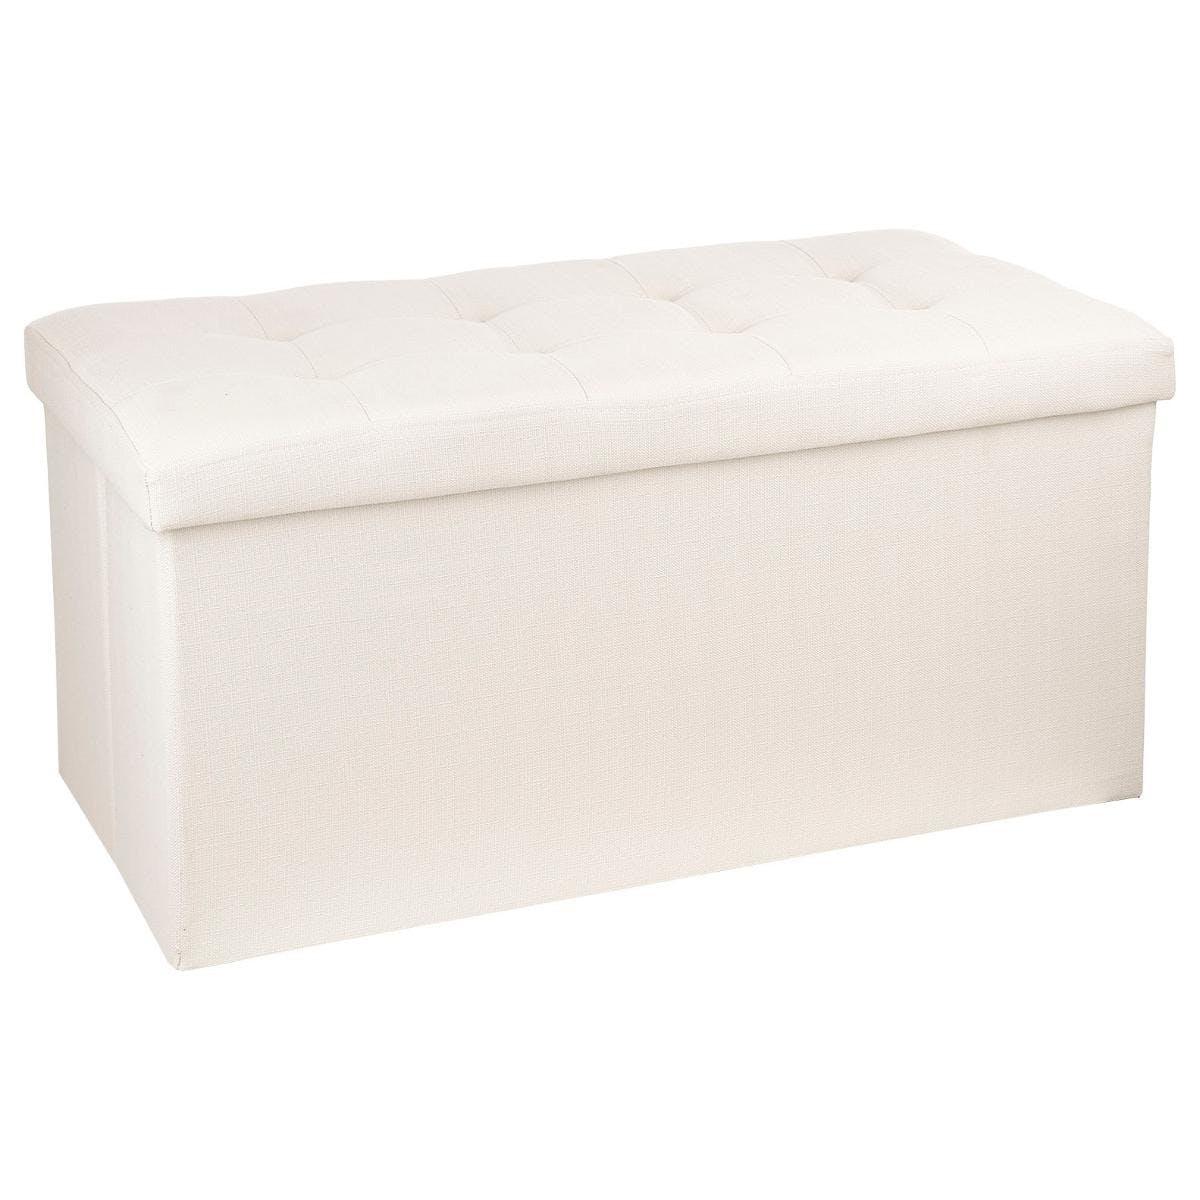 banc coffre de rangement pliant avec revetement en tissu beige et structure en mdf 76x38x38cm